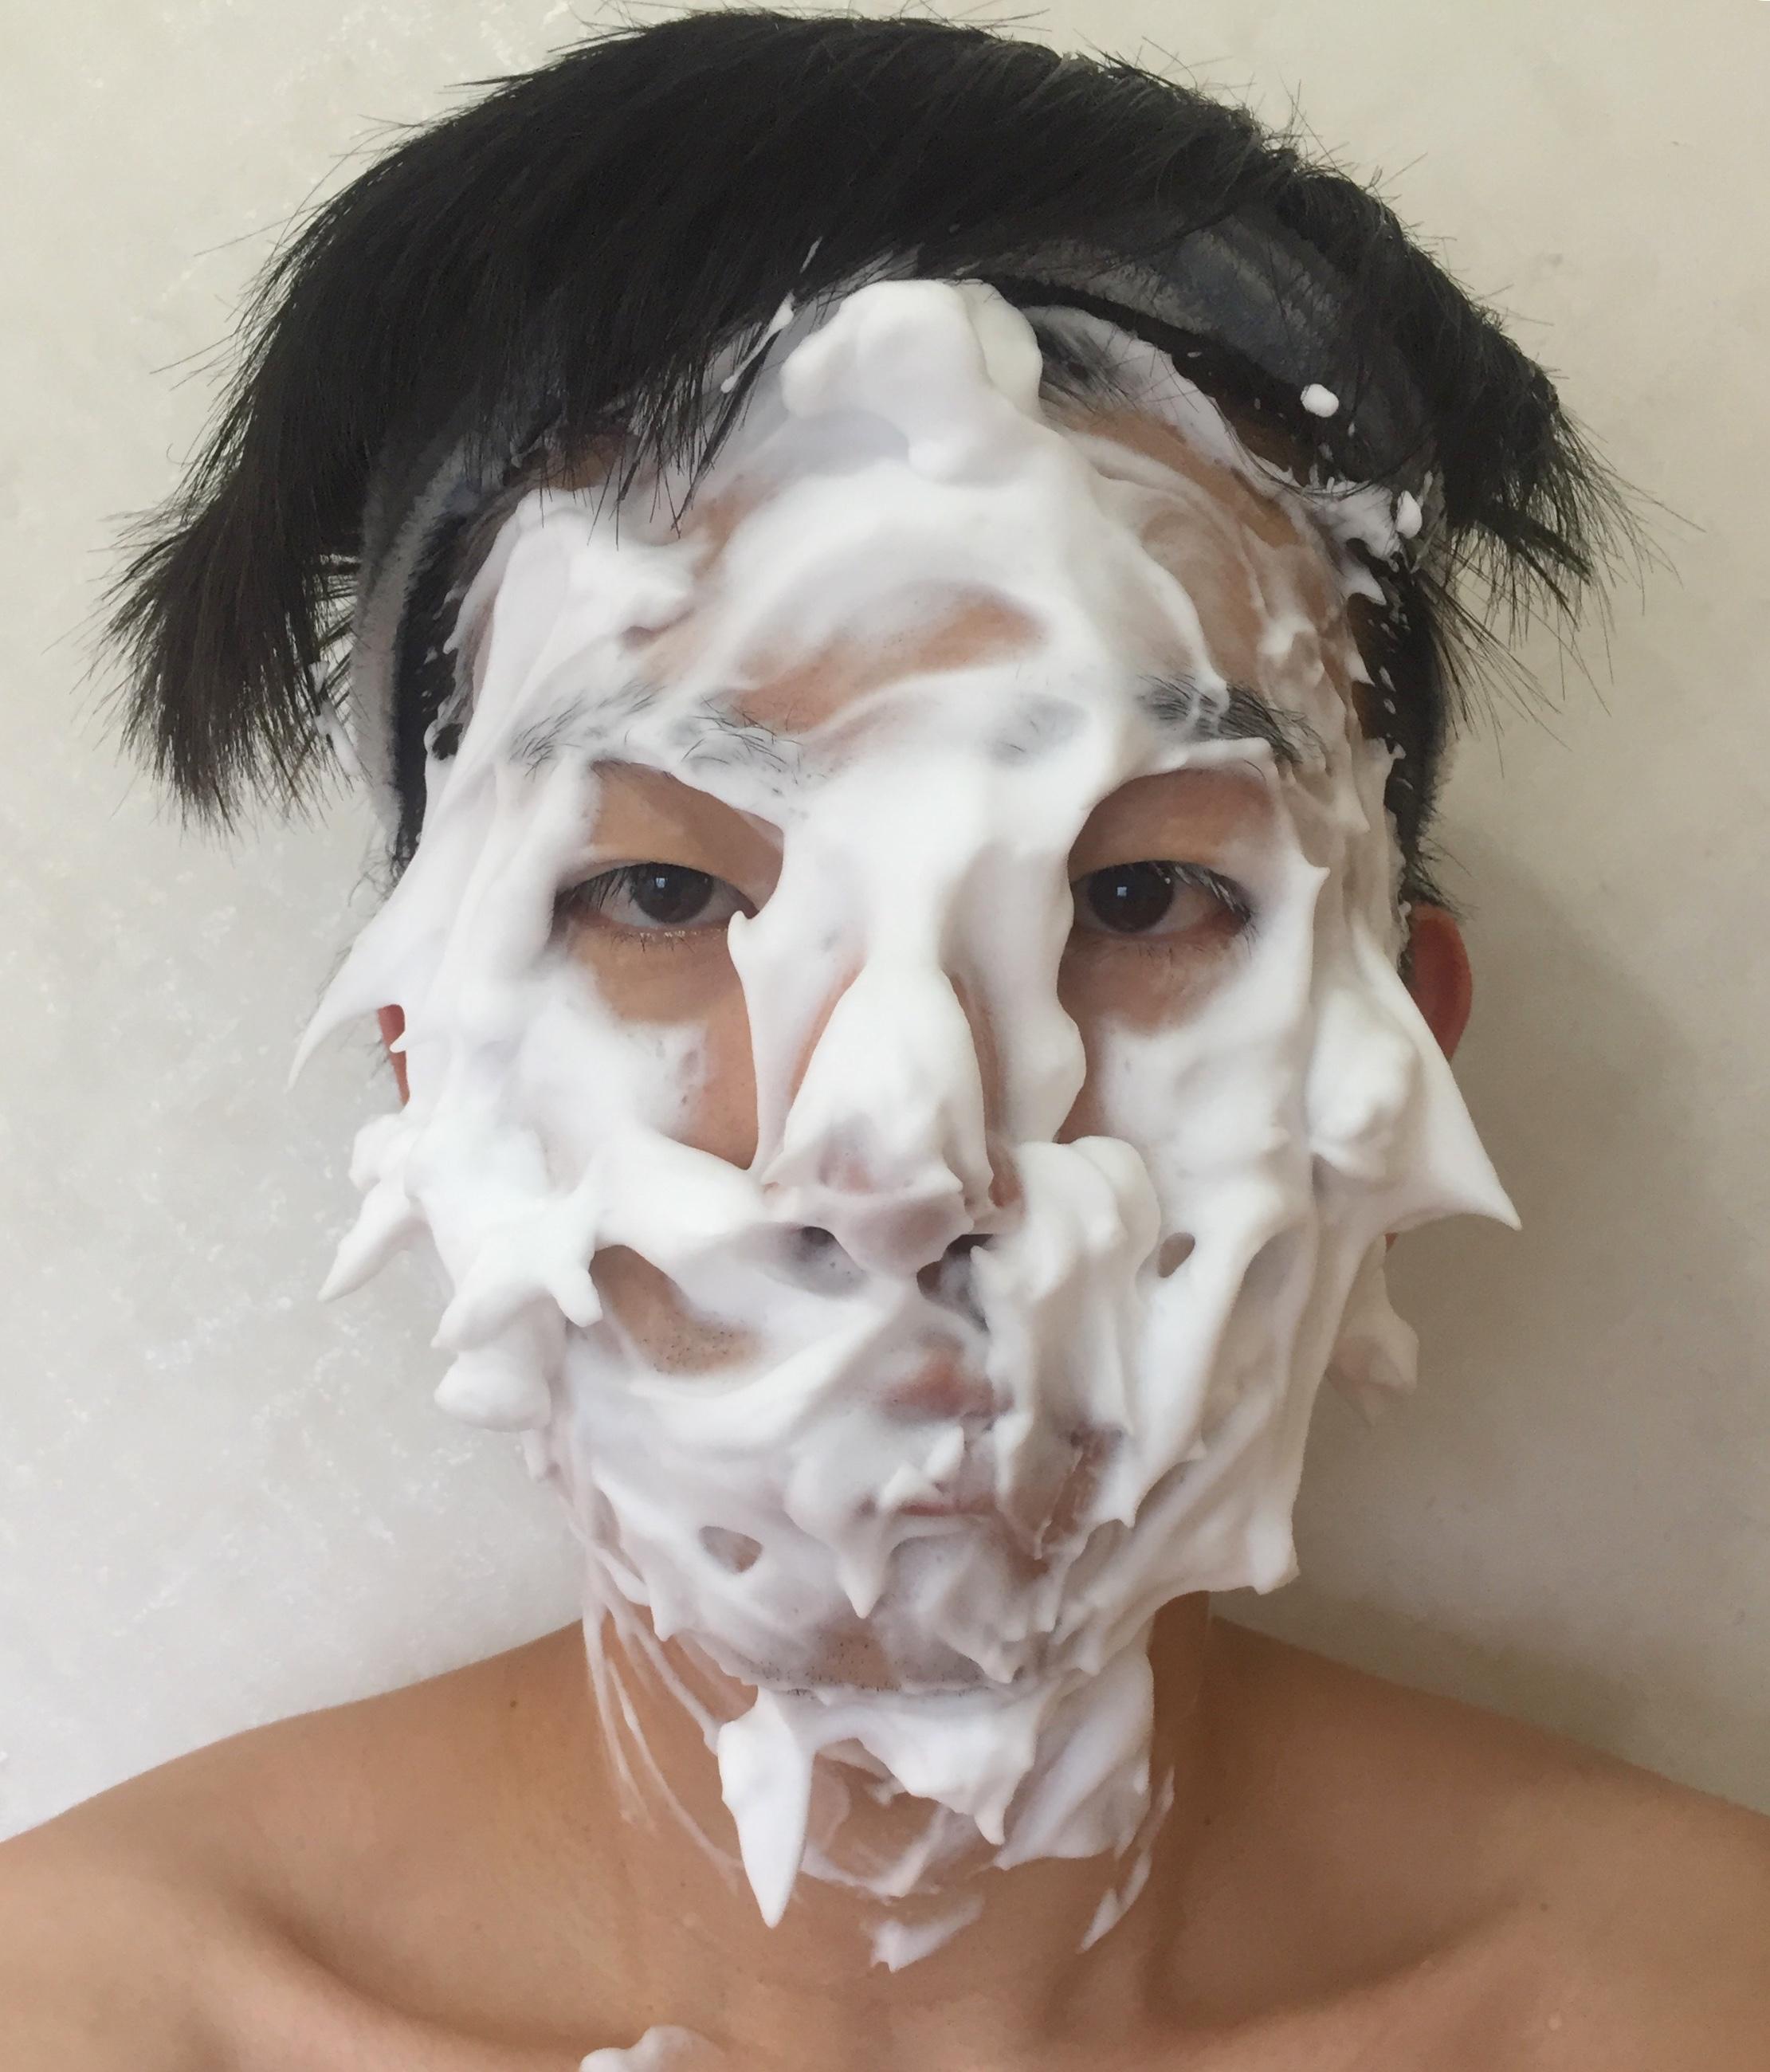 バルクオムの洗顔用泡立てネット